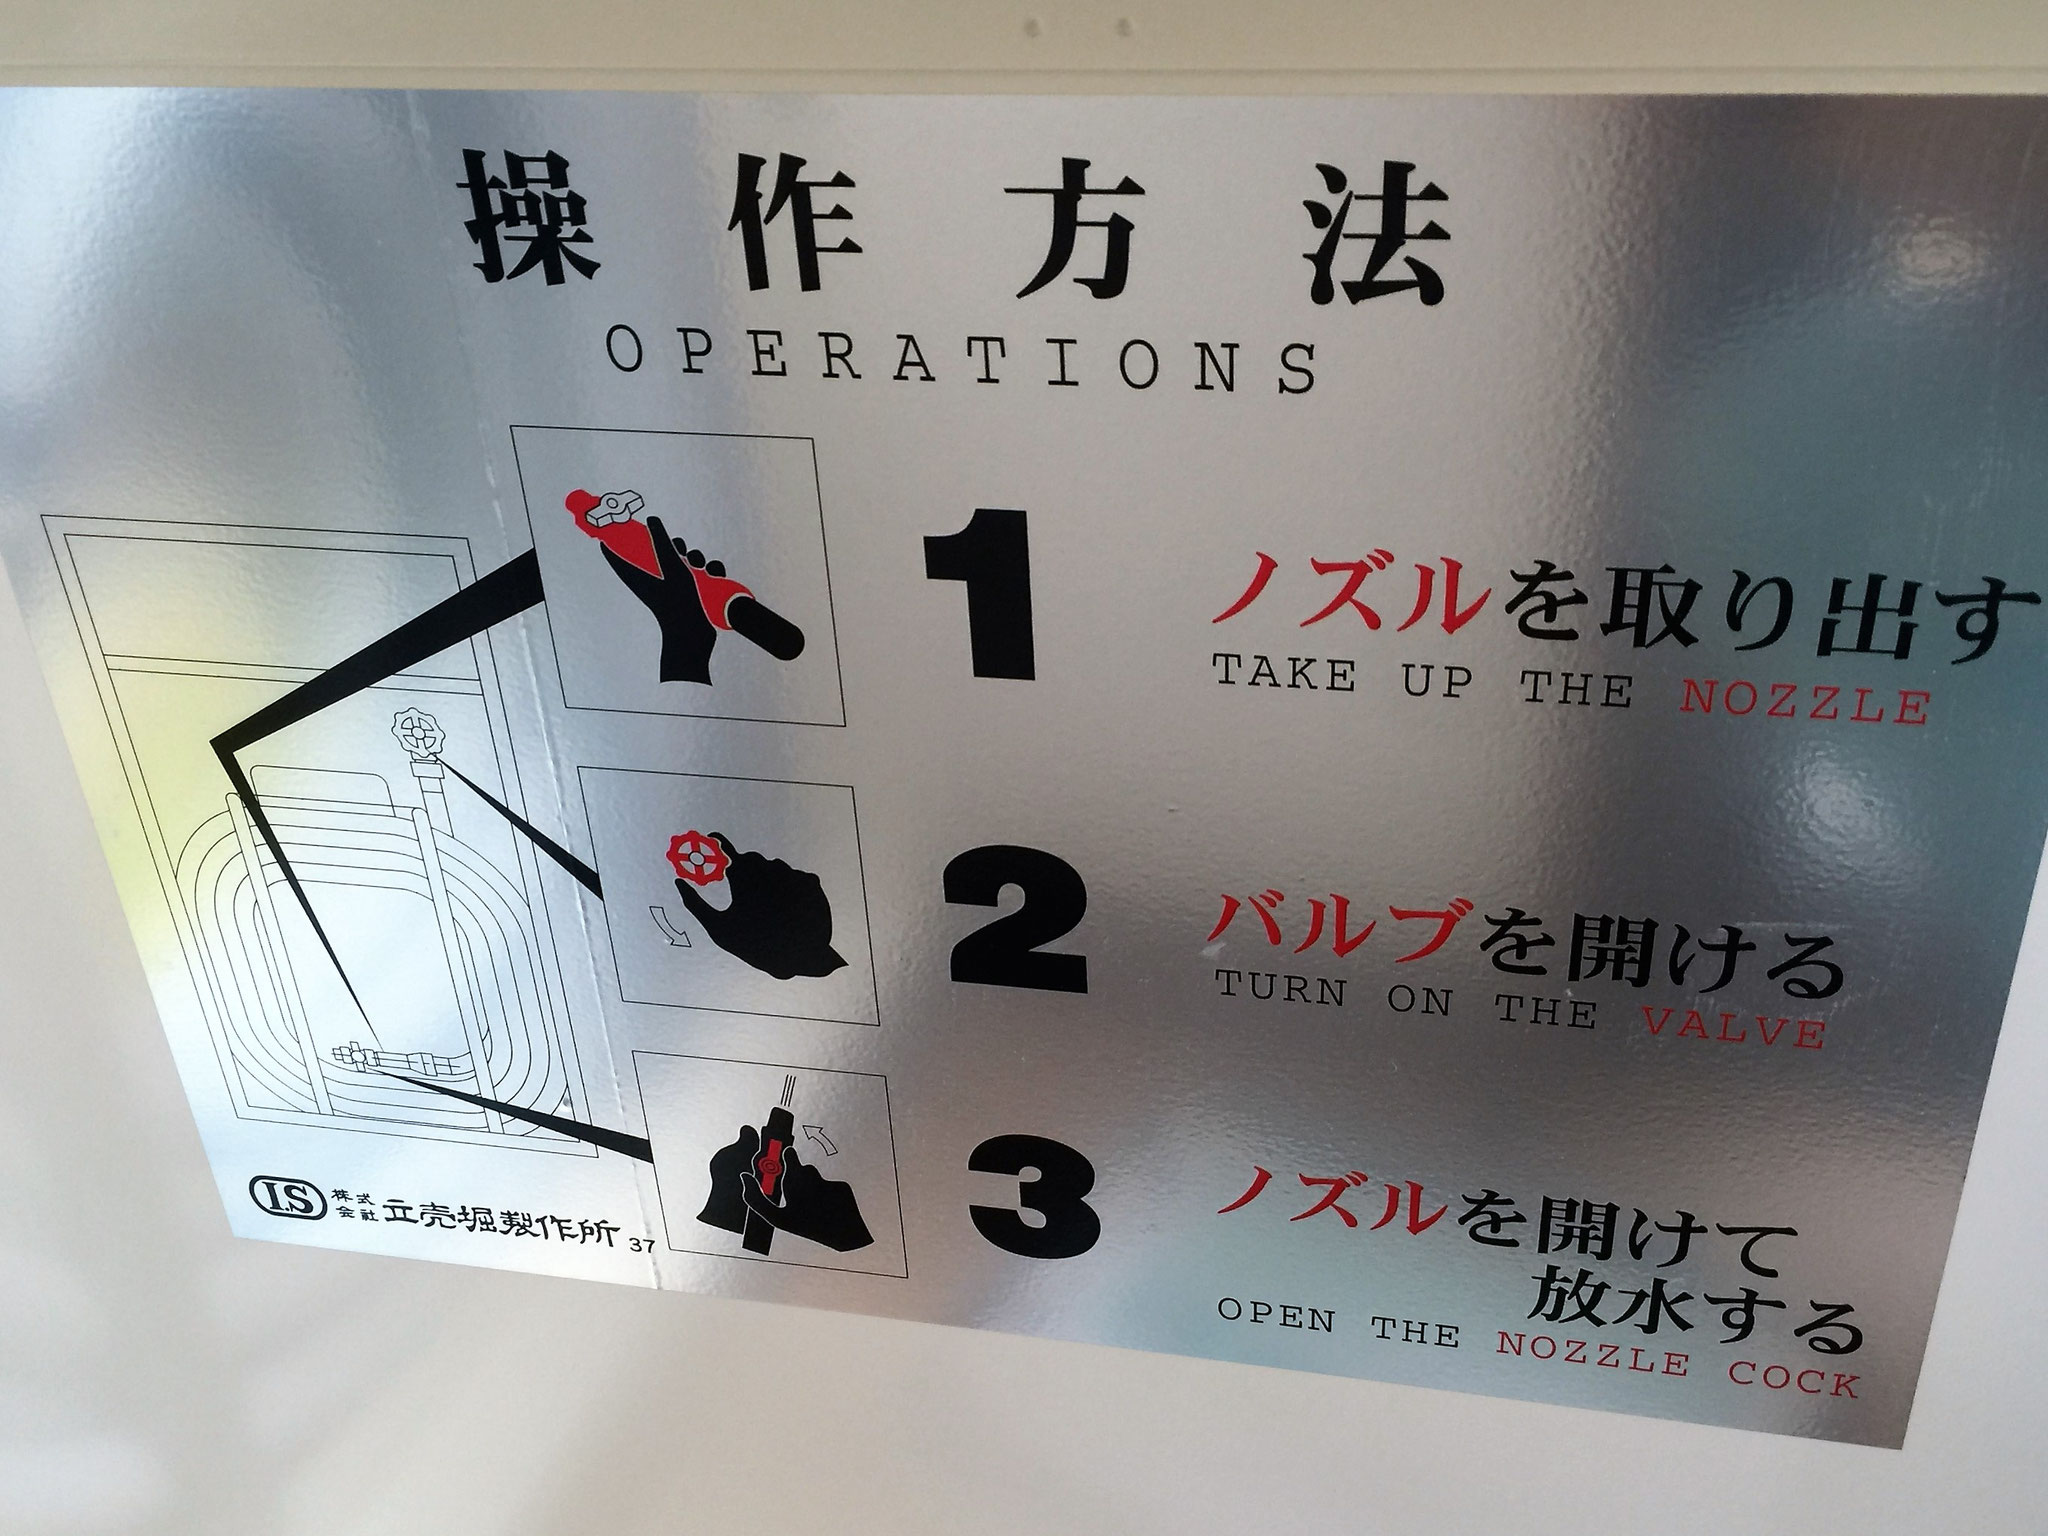 2号消火栓(消火用散水栓)の使用法。